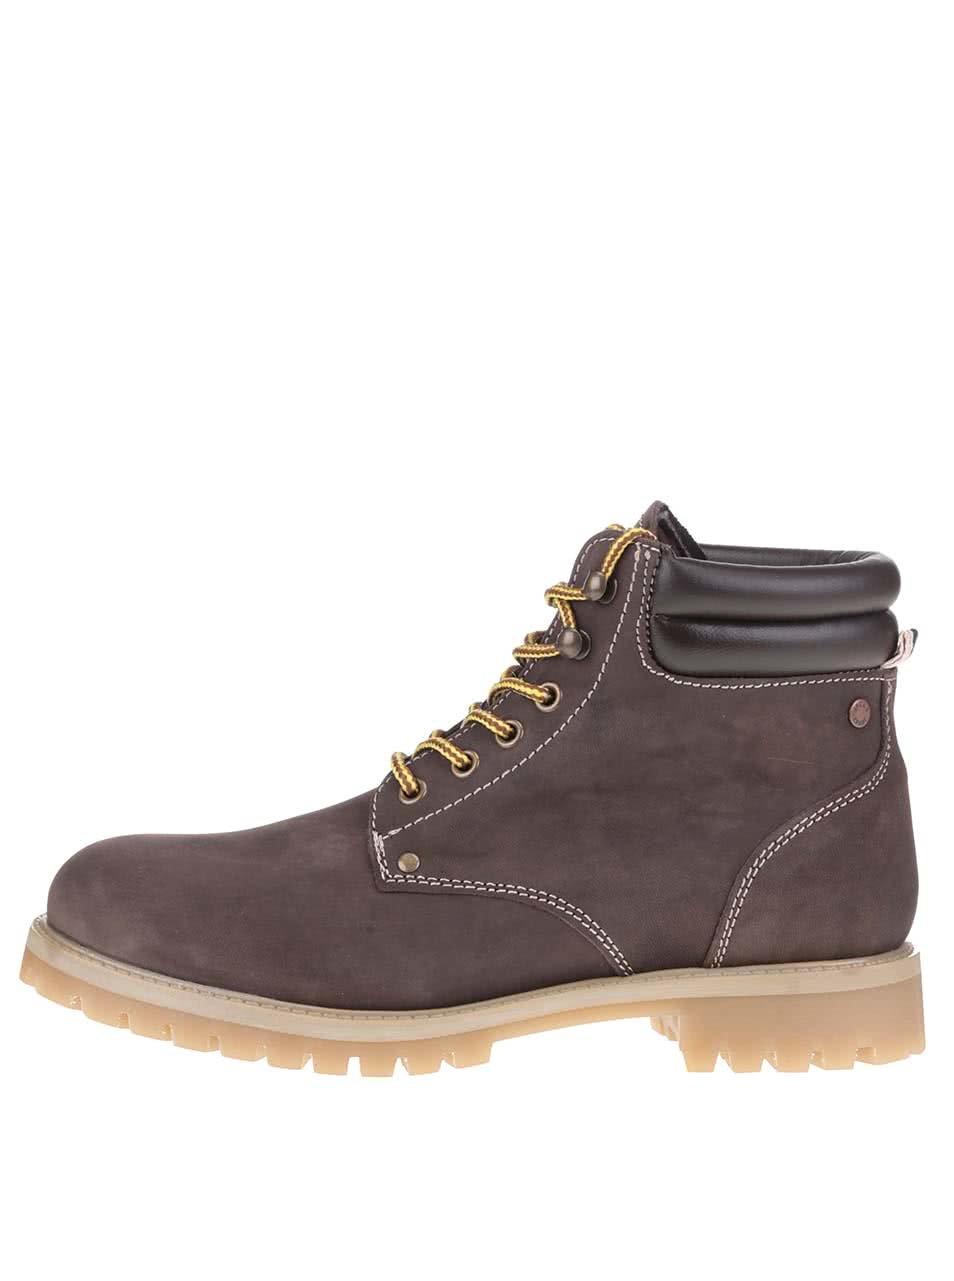 Tmavě hnědé kotníkové boty Jack   Jones Stoke ... 5cf78c5c40